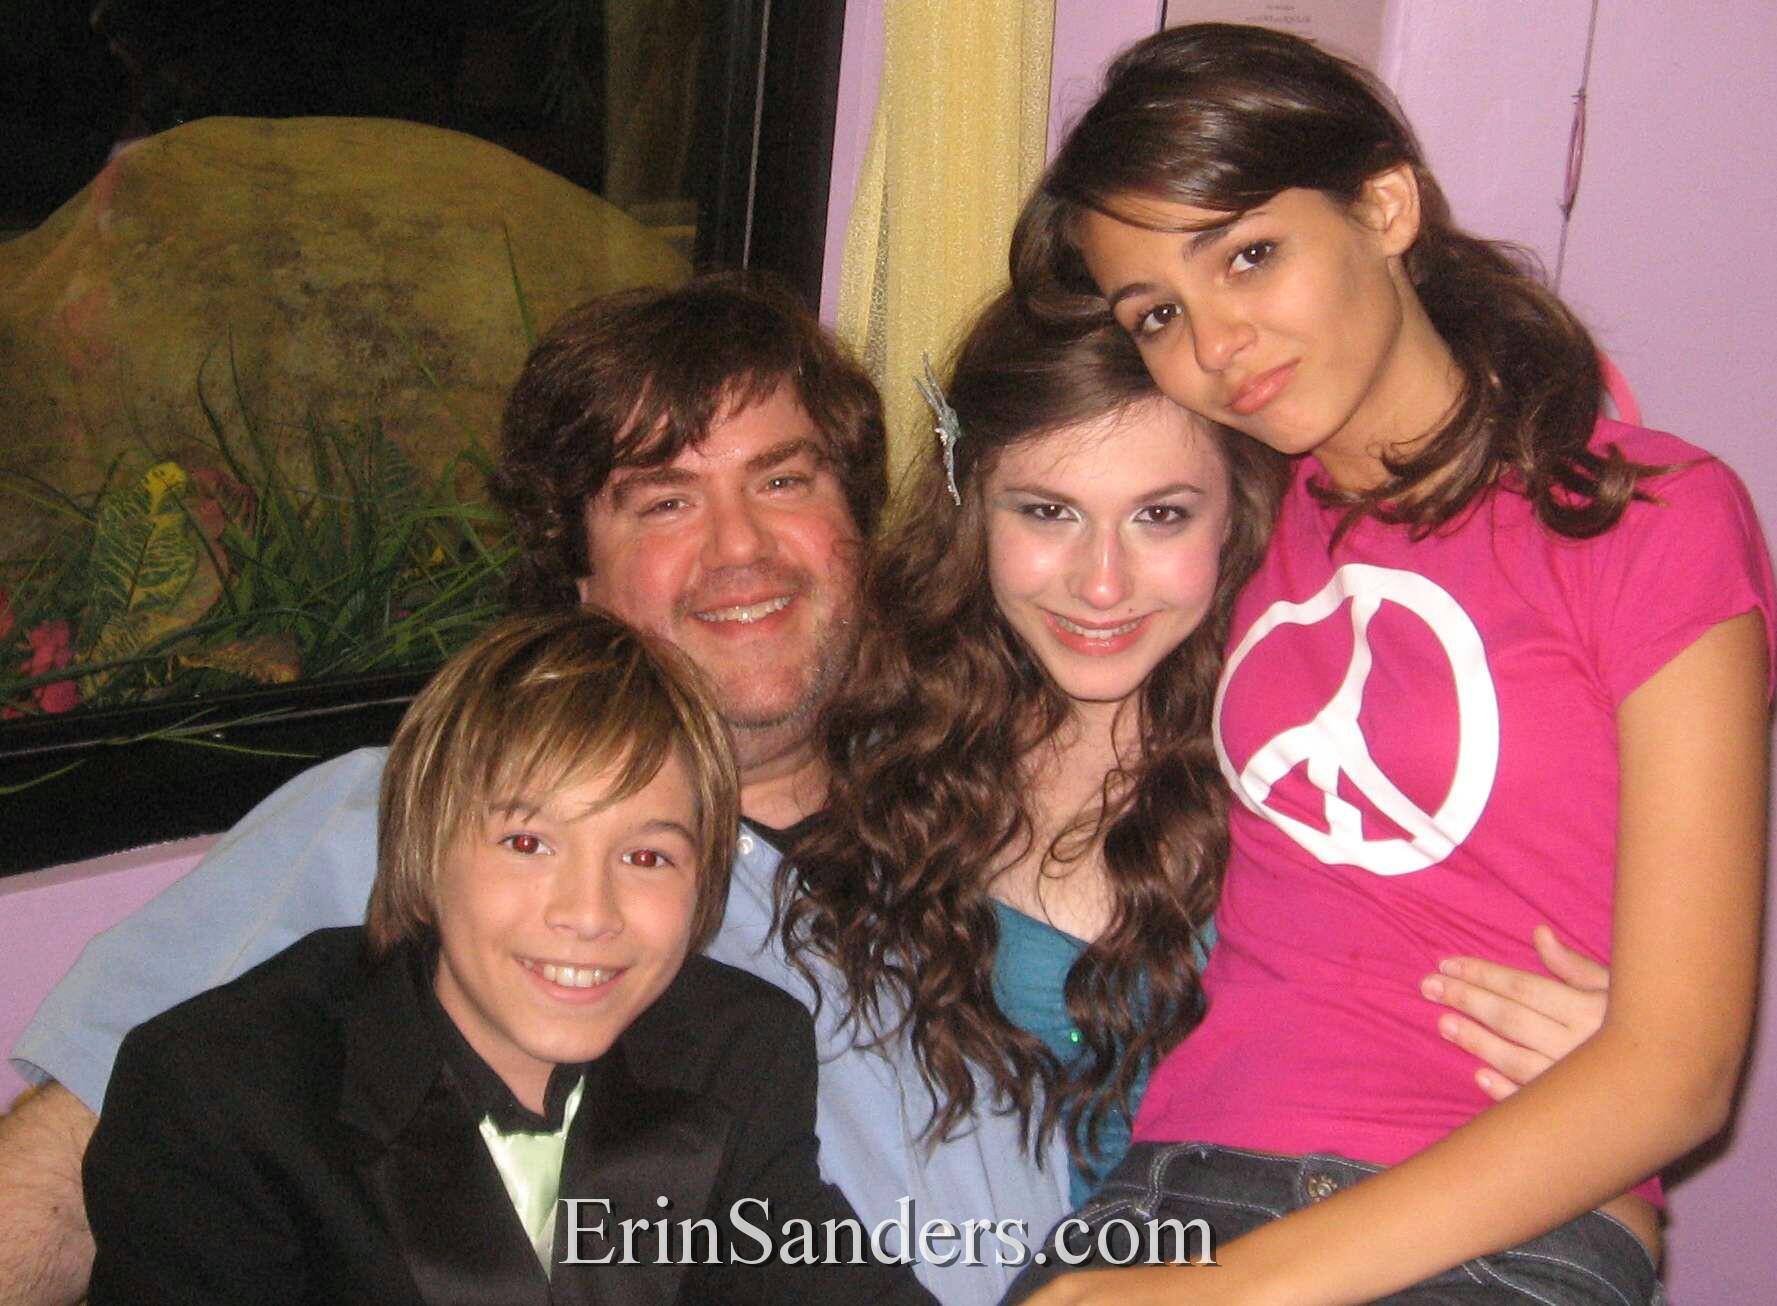 Acusaciones de pedofilia contra Dan Schneider y Nickelodeon